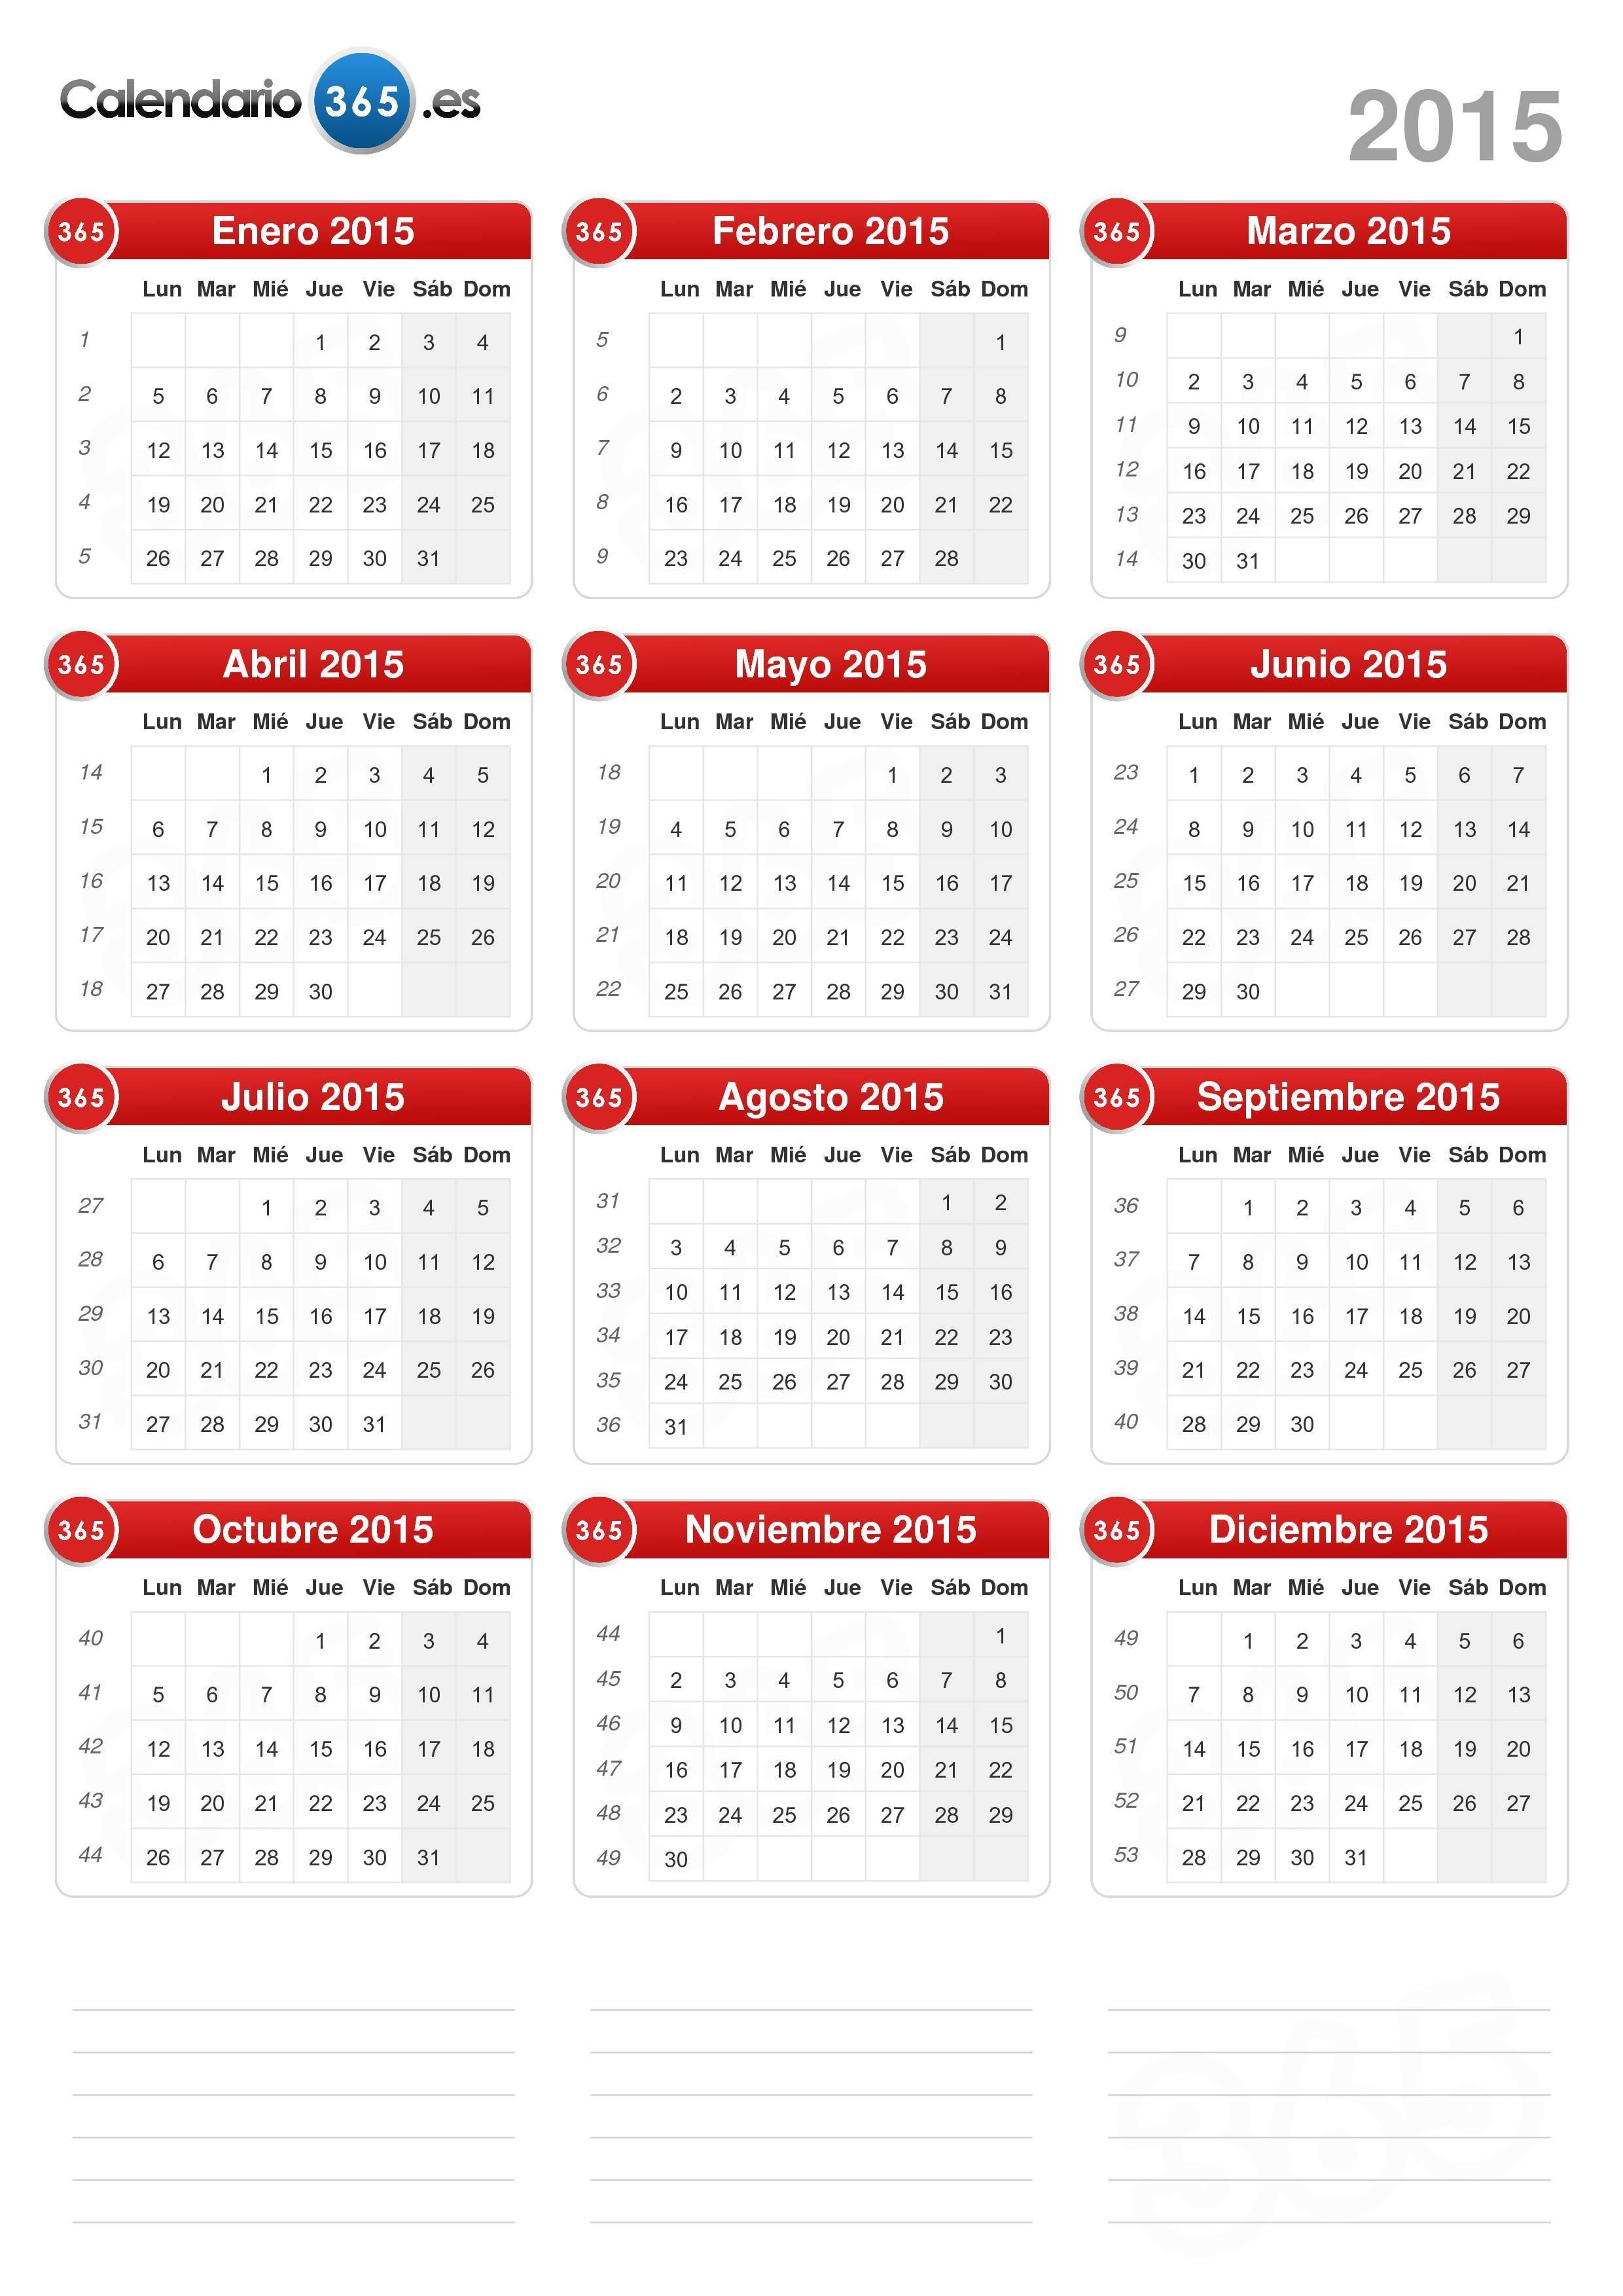 calendario 2015 formato vertical v2